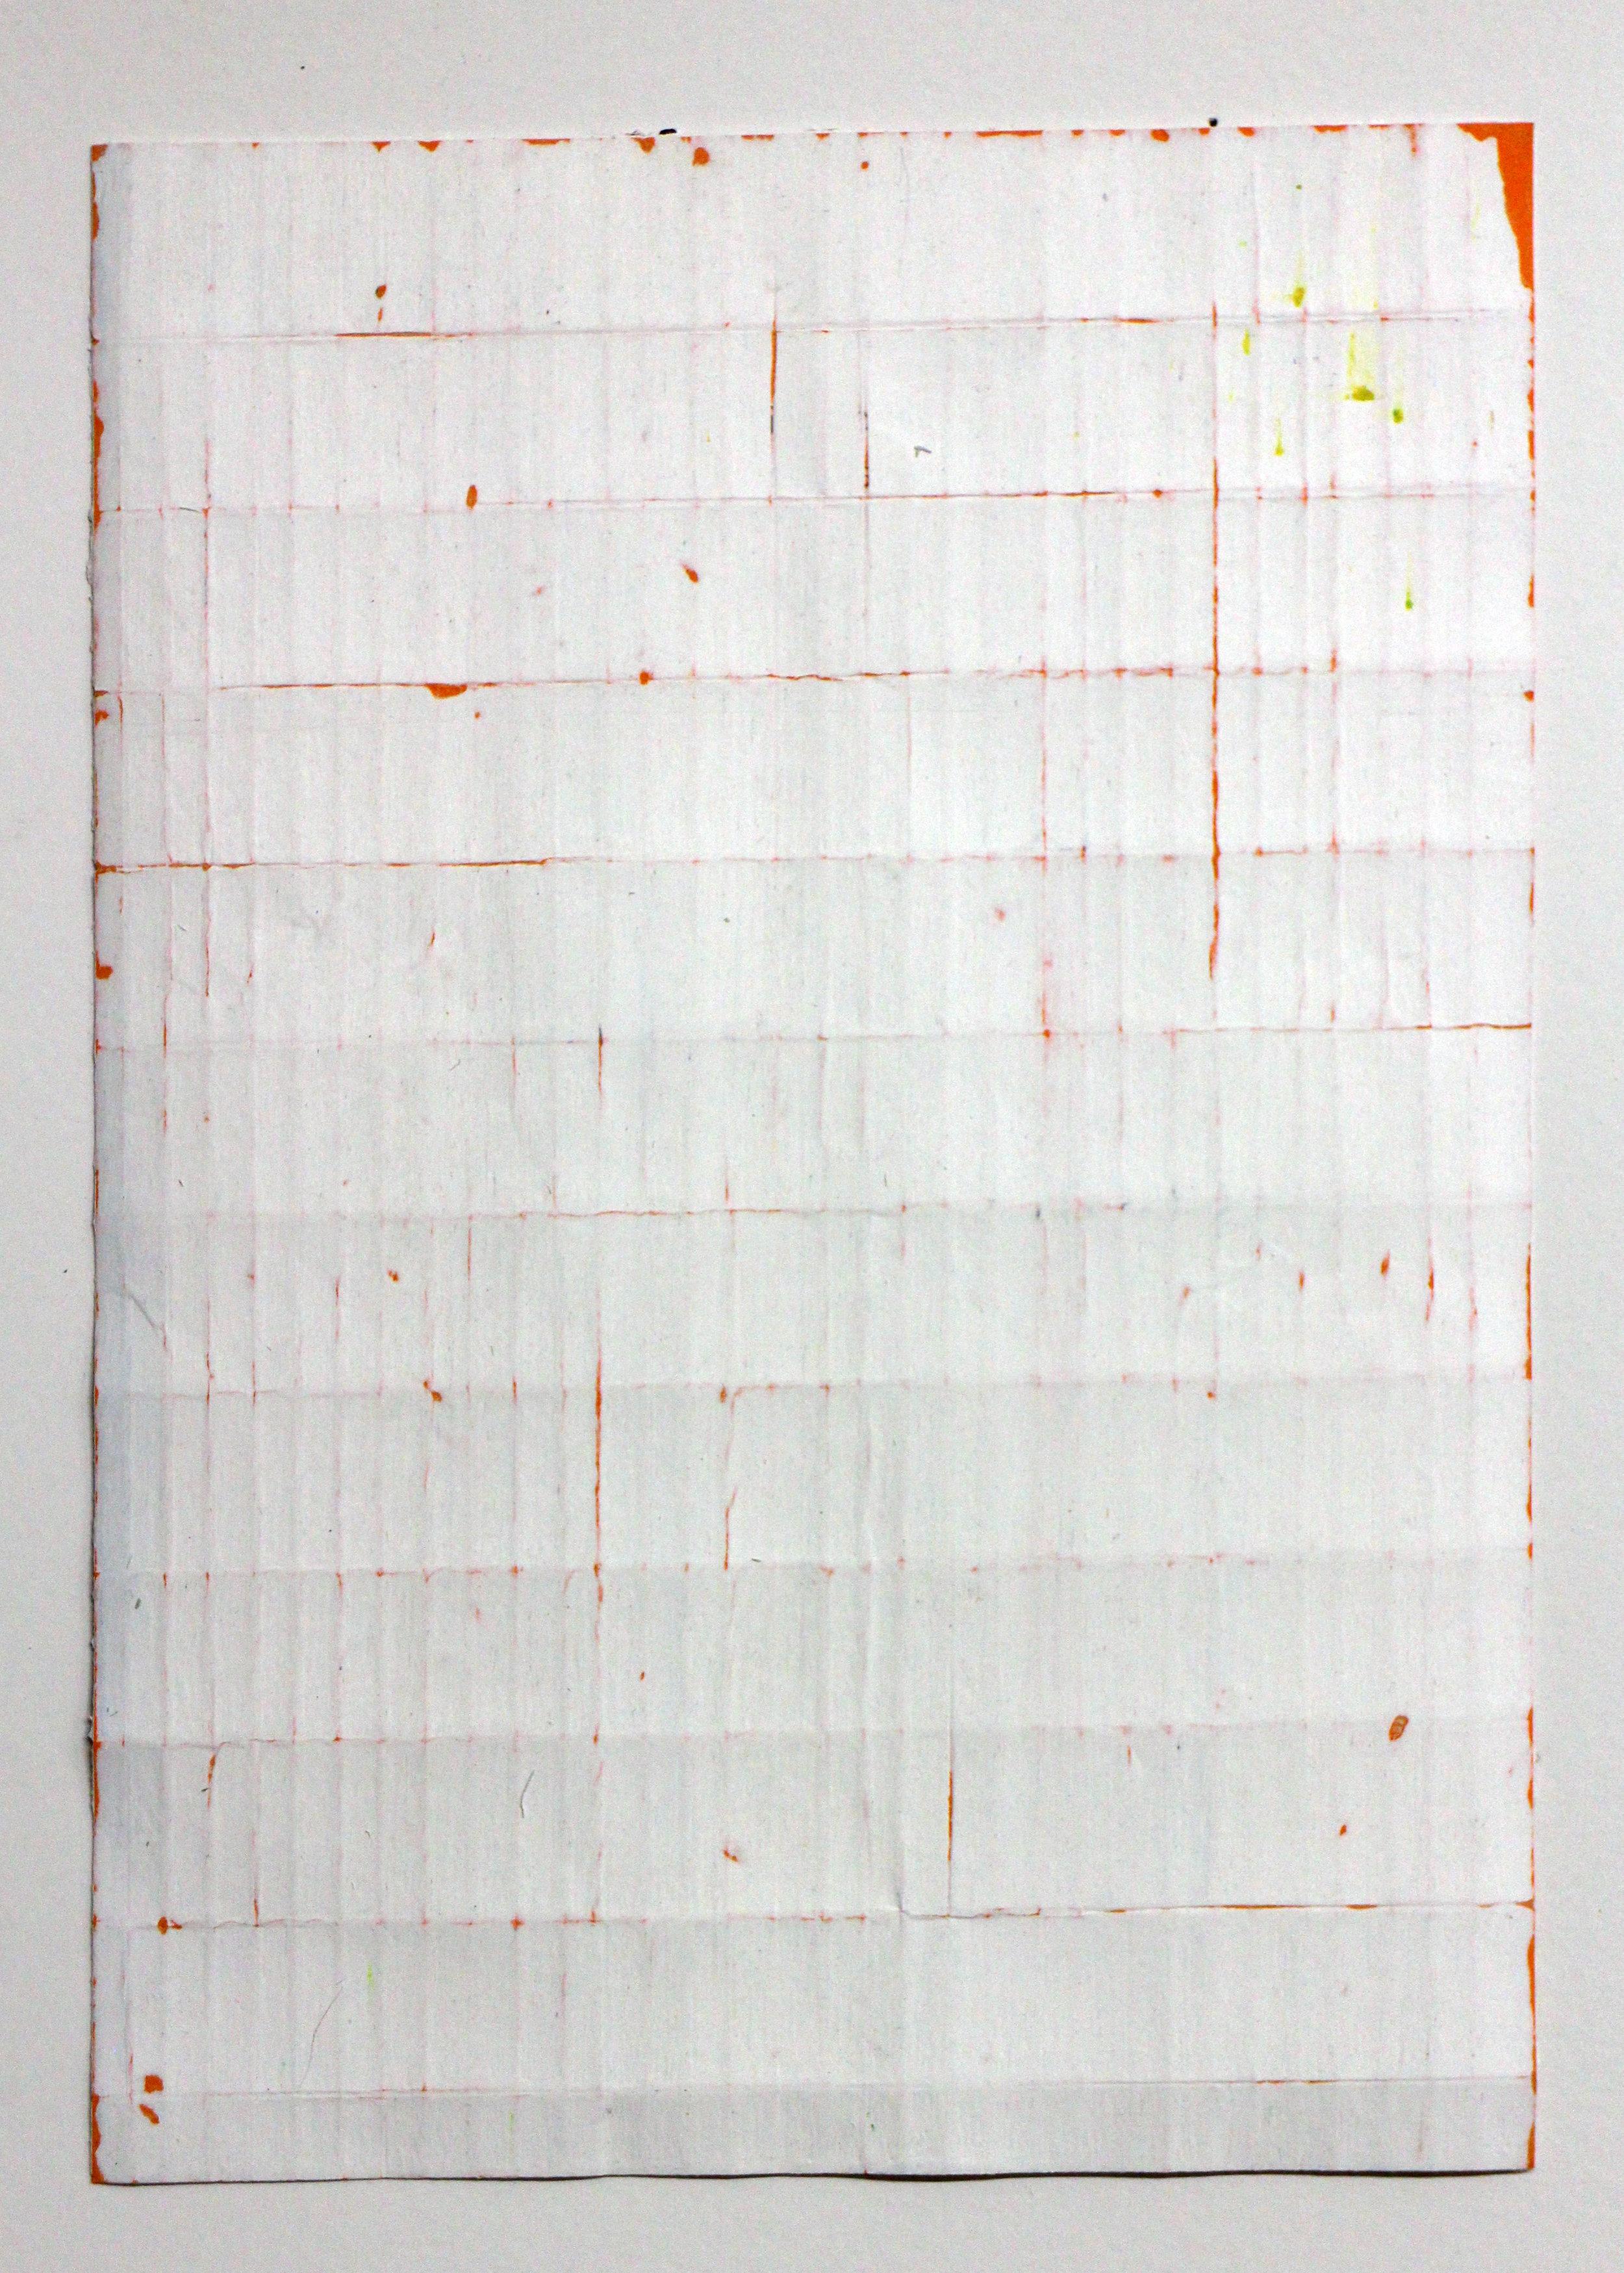 White/Orange Fold 1x1.4 7.2.16